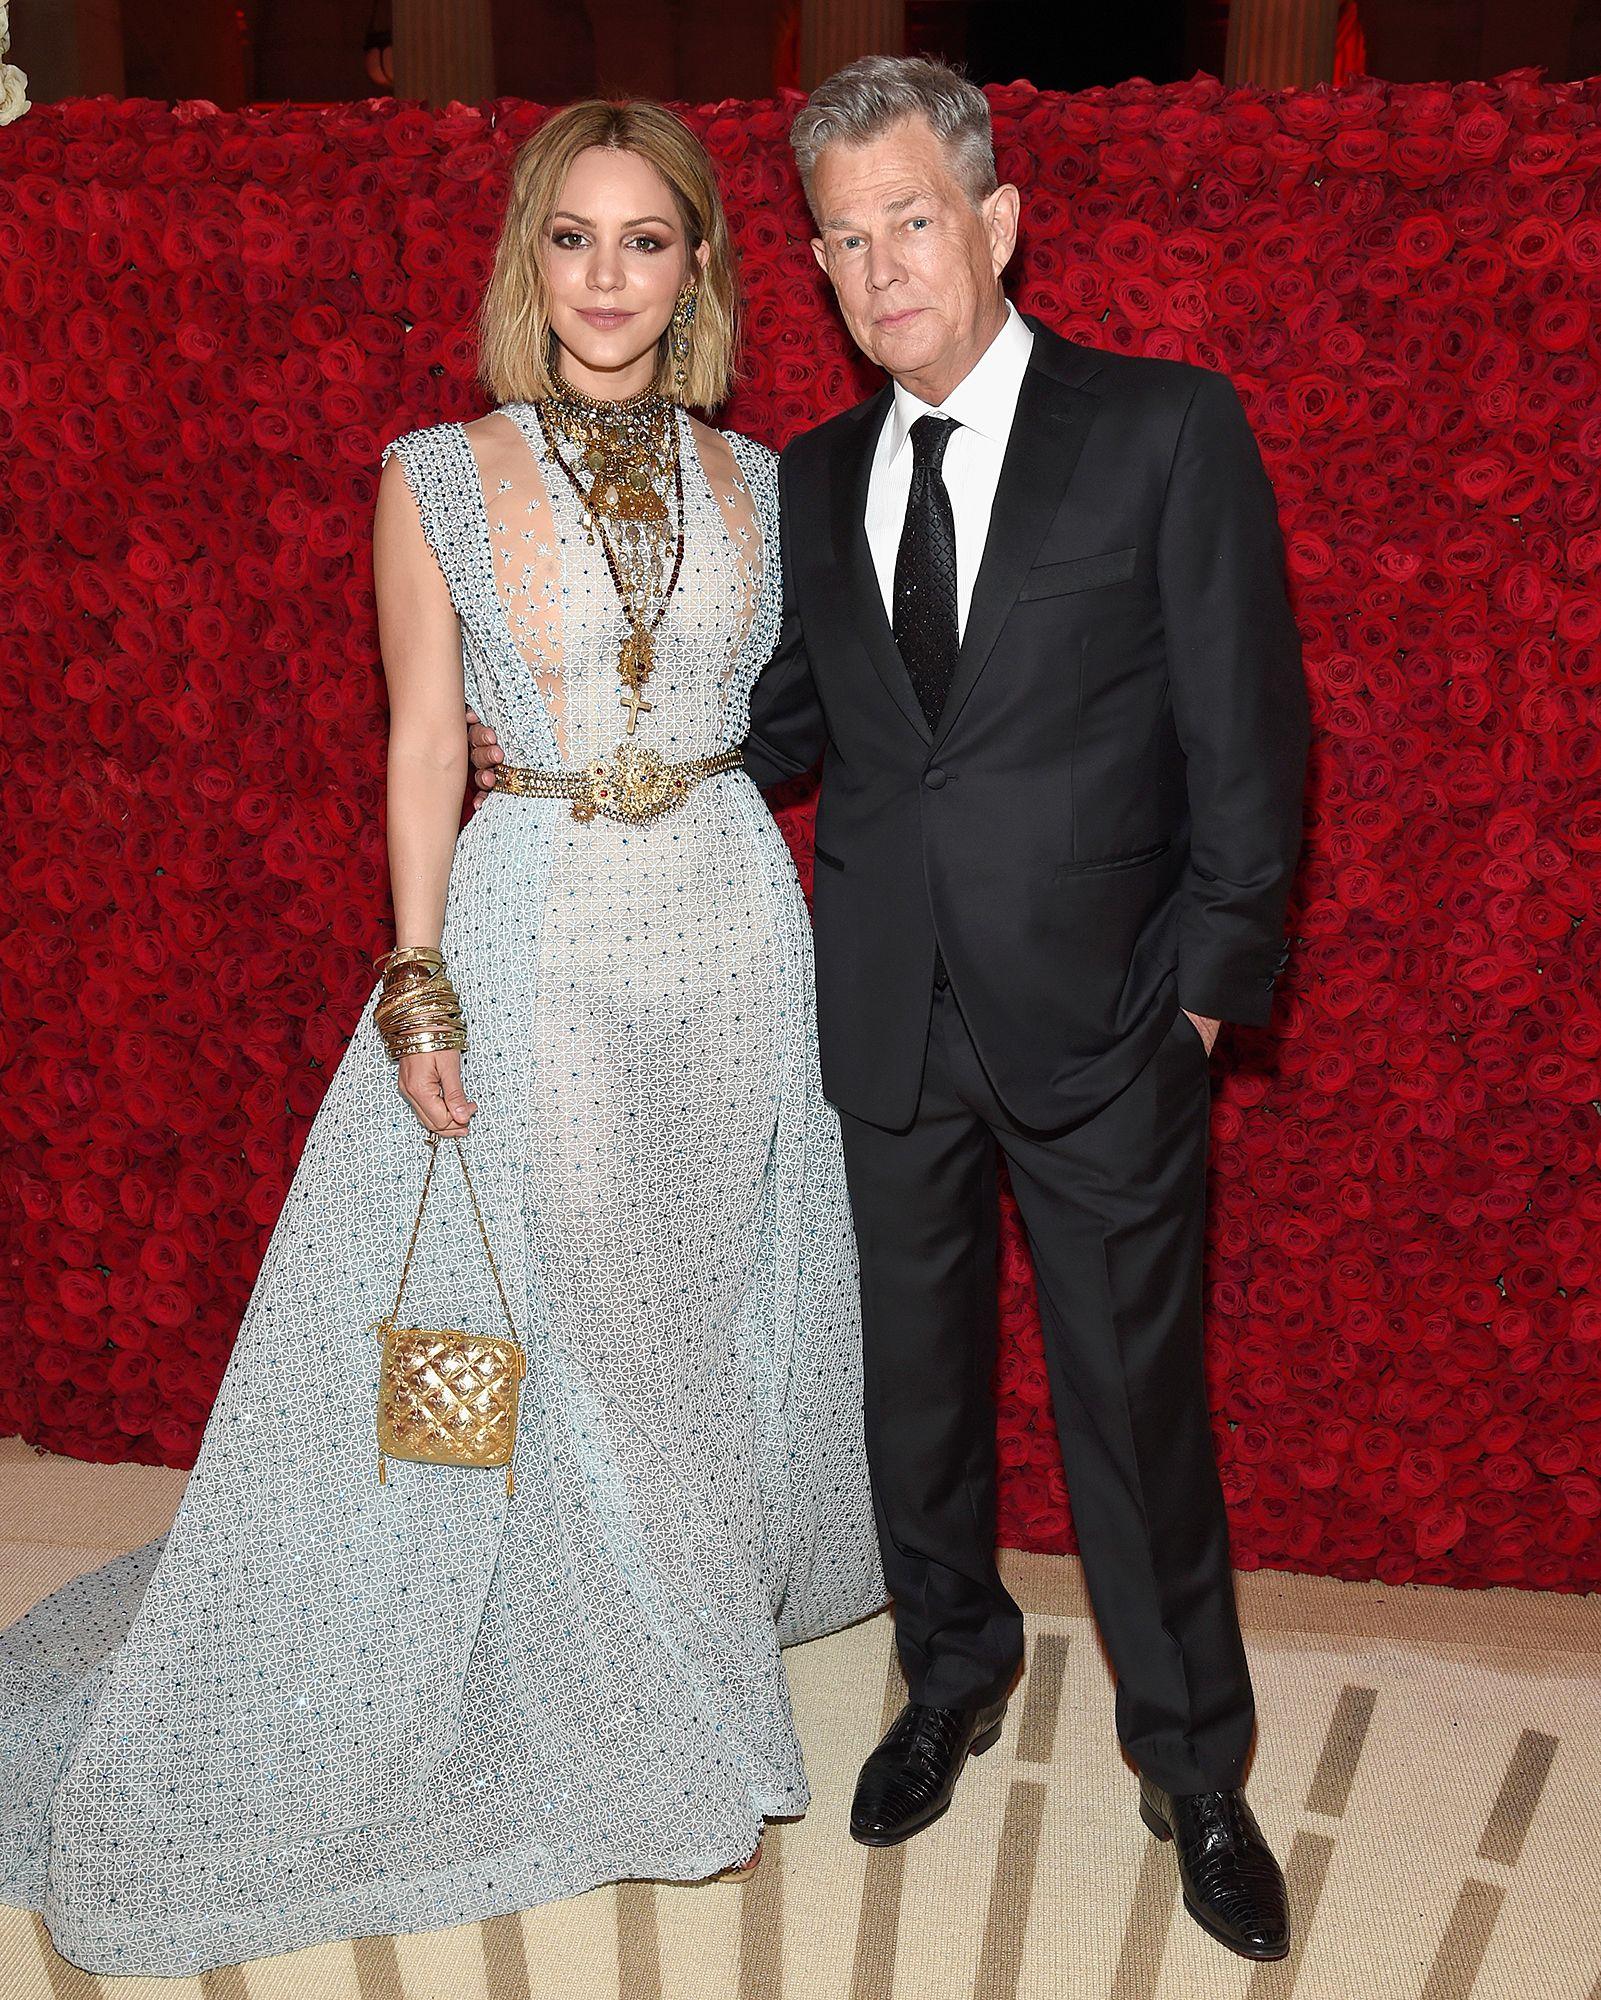 David Foster S Daughter Erin 35 Calls His Fiancee Katharine Mcphee 34 Mommyyy Met Gala 2018 Met Gala Katharine Mcphee